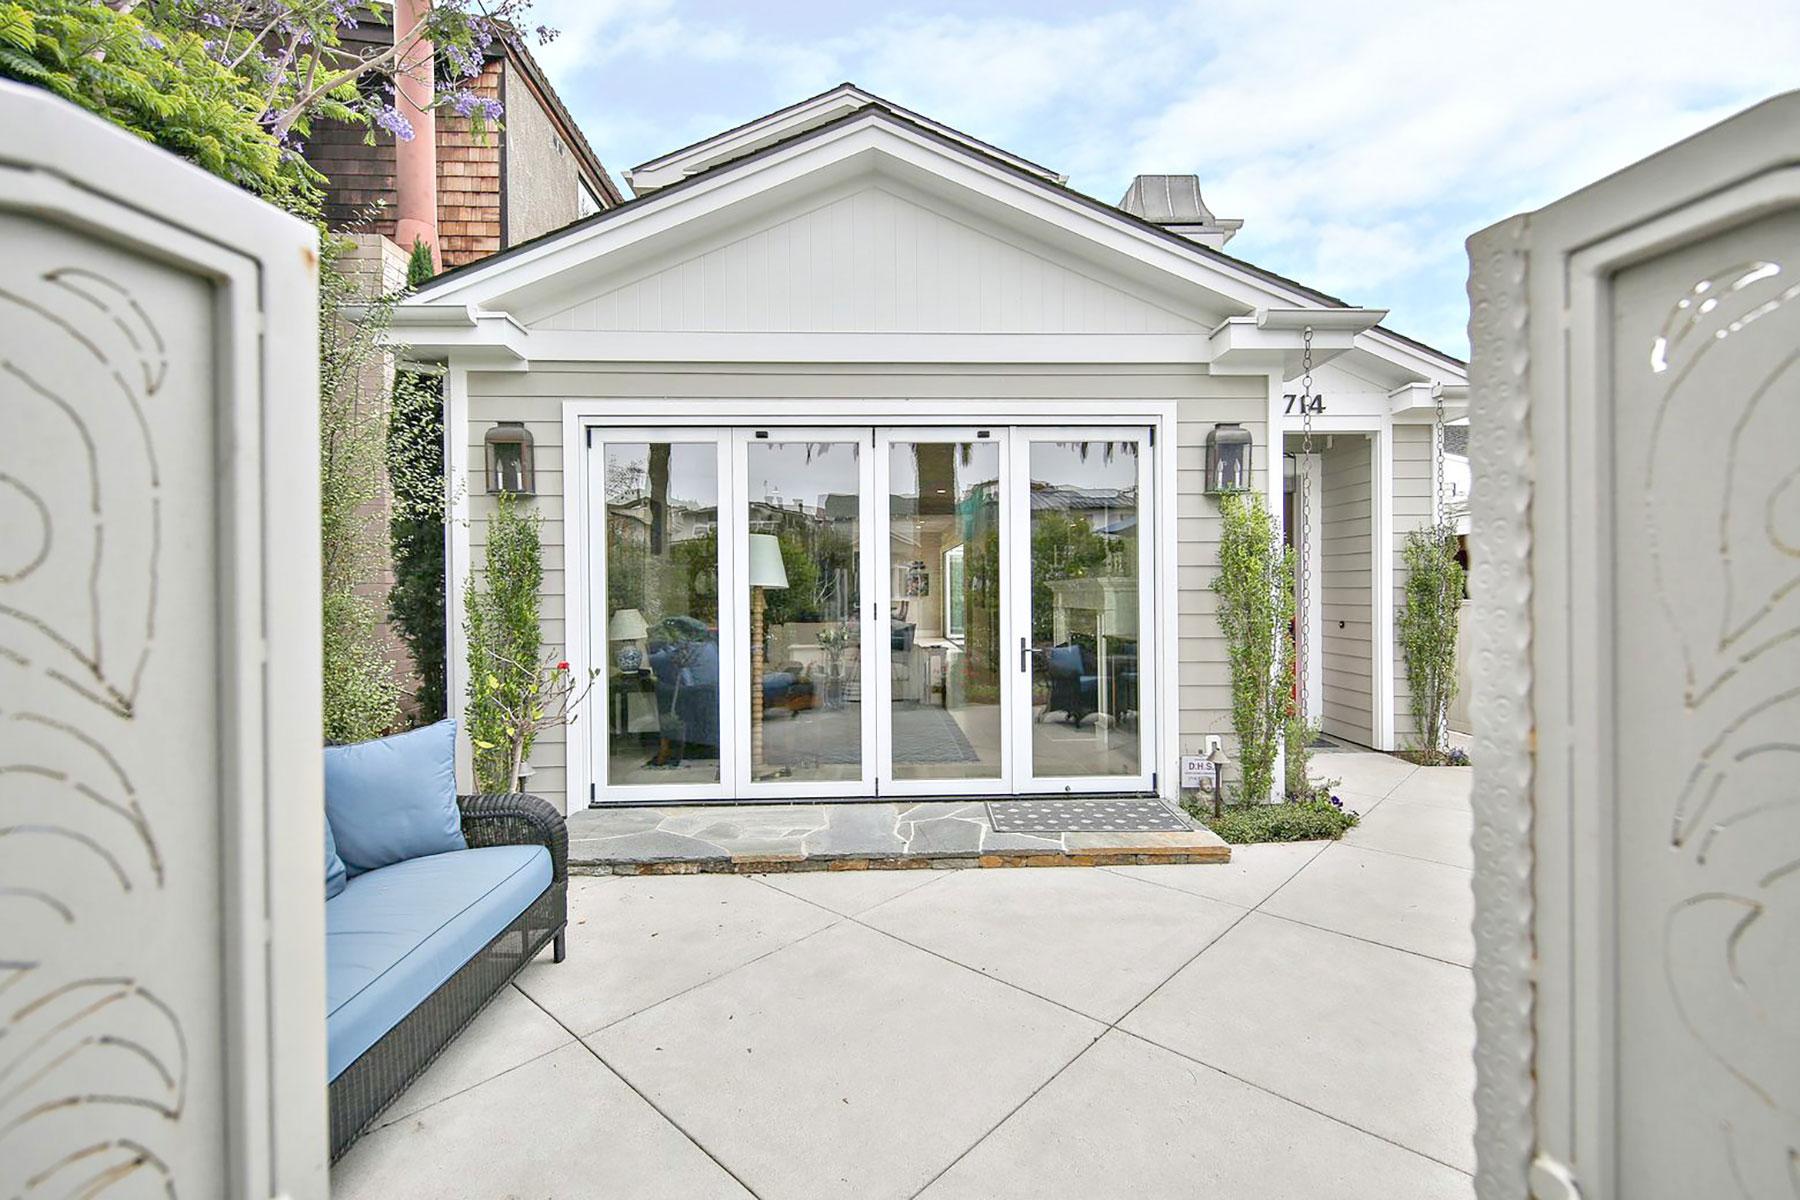 独户住宅 为 销售 在 714 Marguerite 科罗娜, 加利福尼亚州, 92625 美国